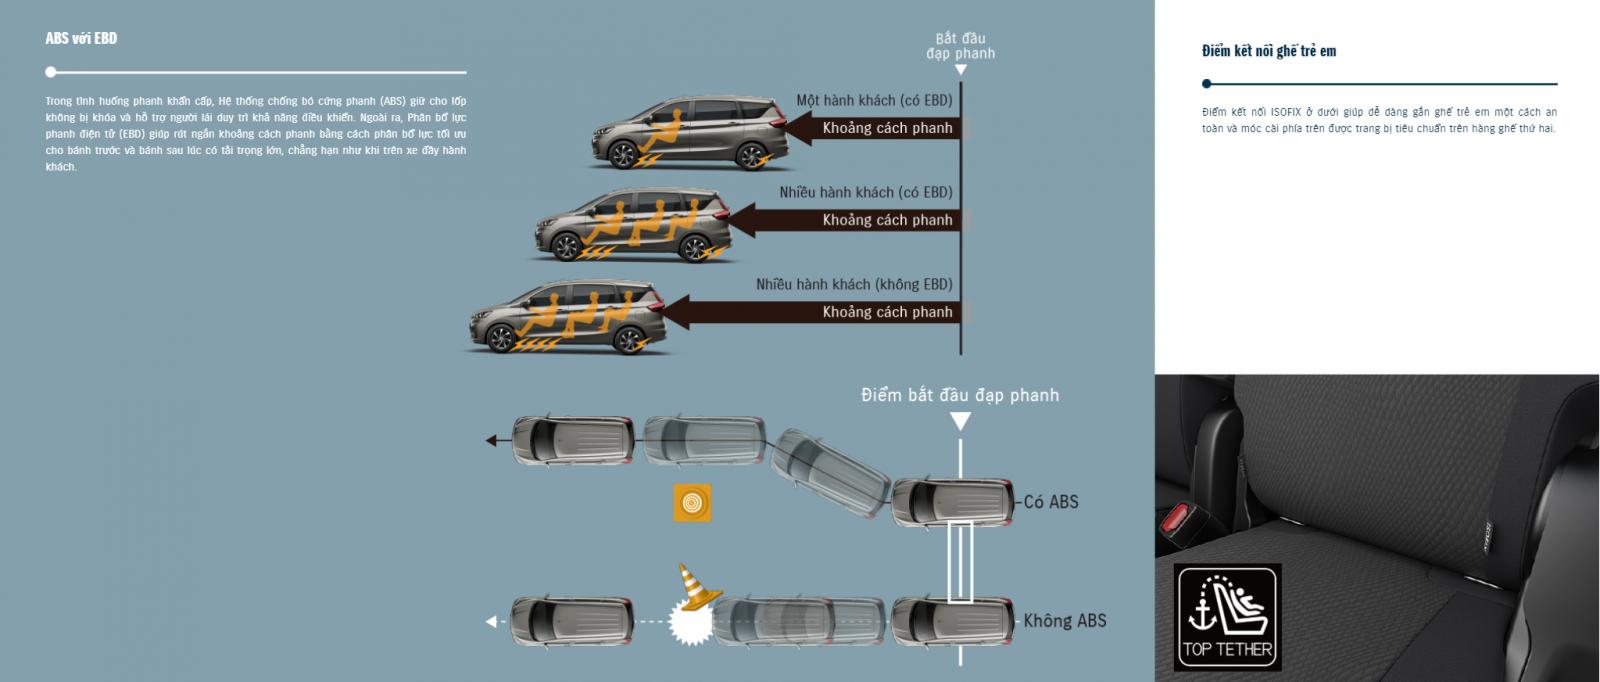 Một số tính năng khác của Suzuki Ertiga 2020